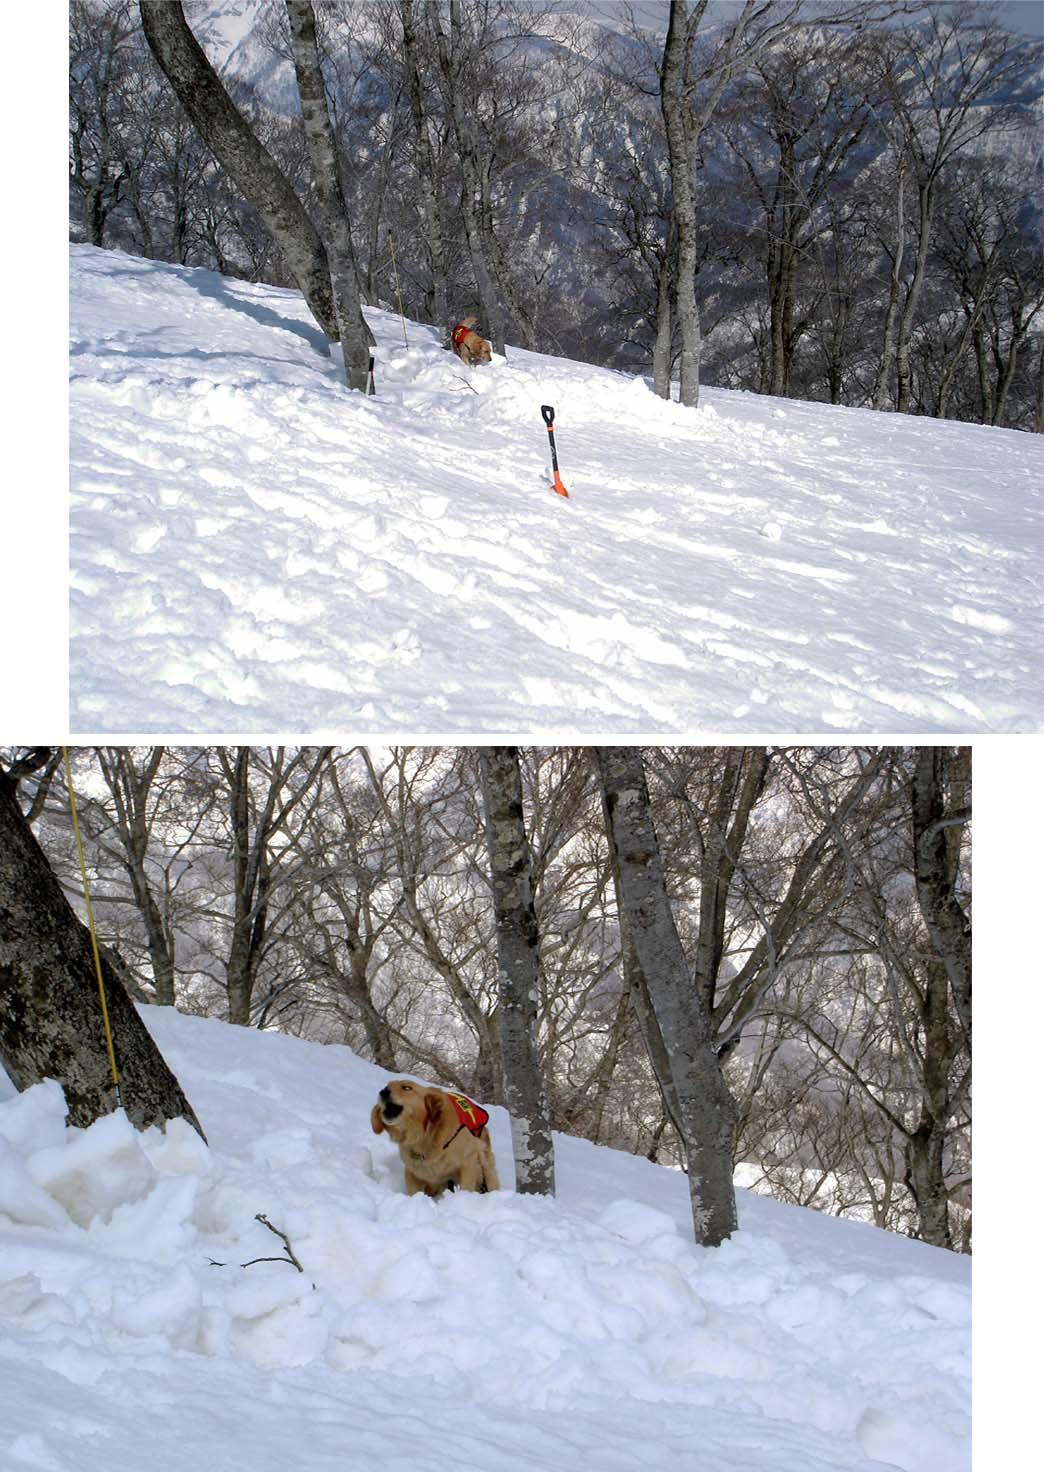 雪中訓練Ⅱ(18) 埋没者捜索